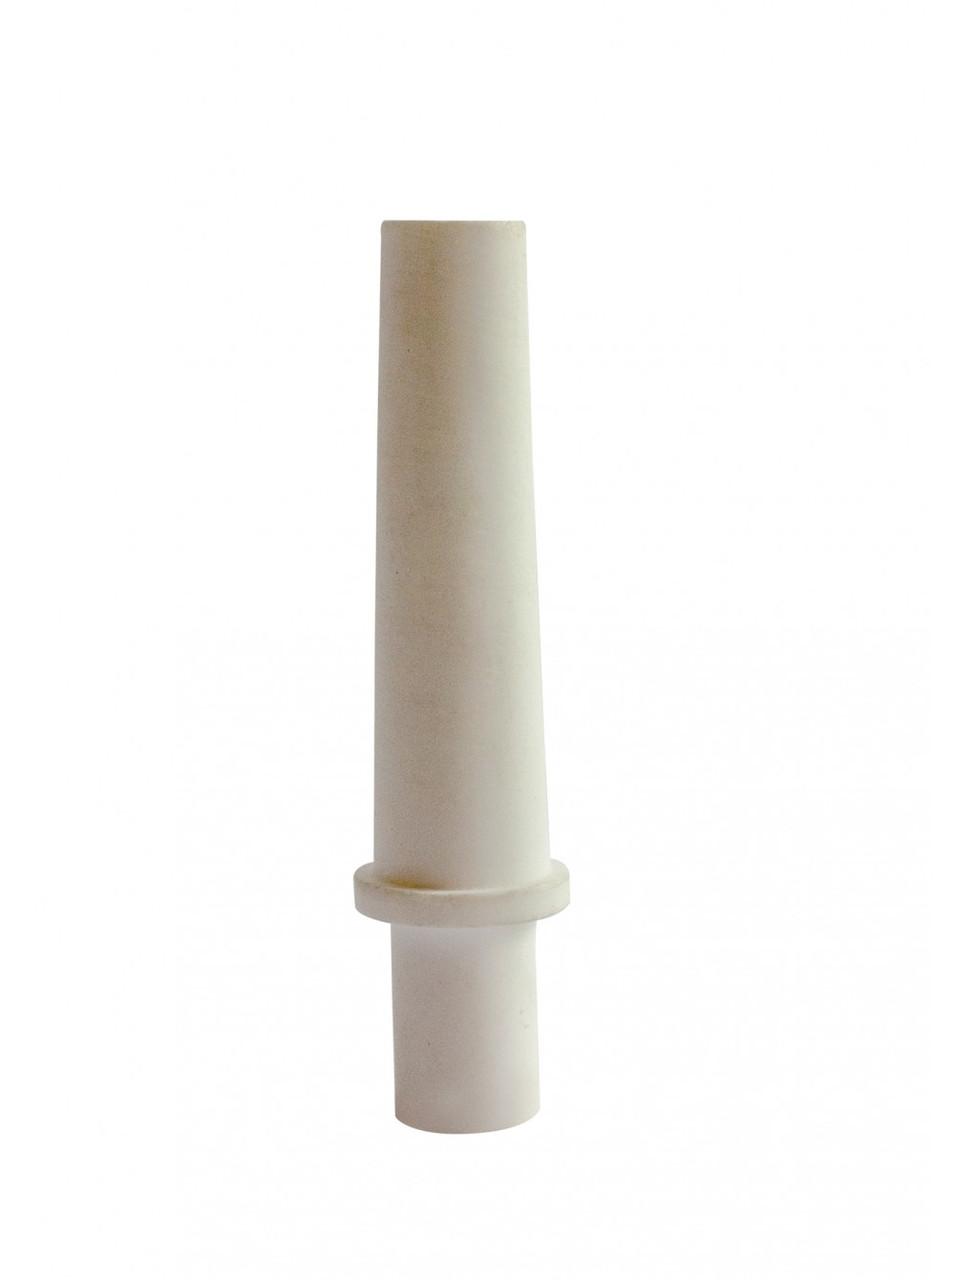 Сопло пескоструйное HSB. Керамика. Внутренний диаметр 4,6 мм. Наружный диаметр 15,7 мм.